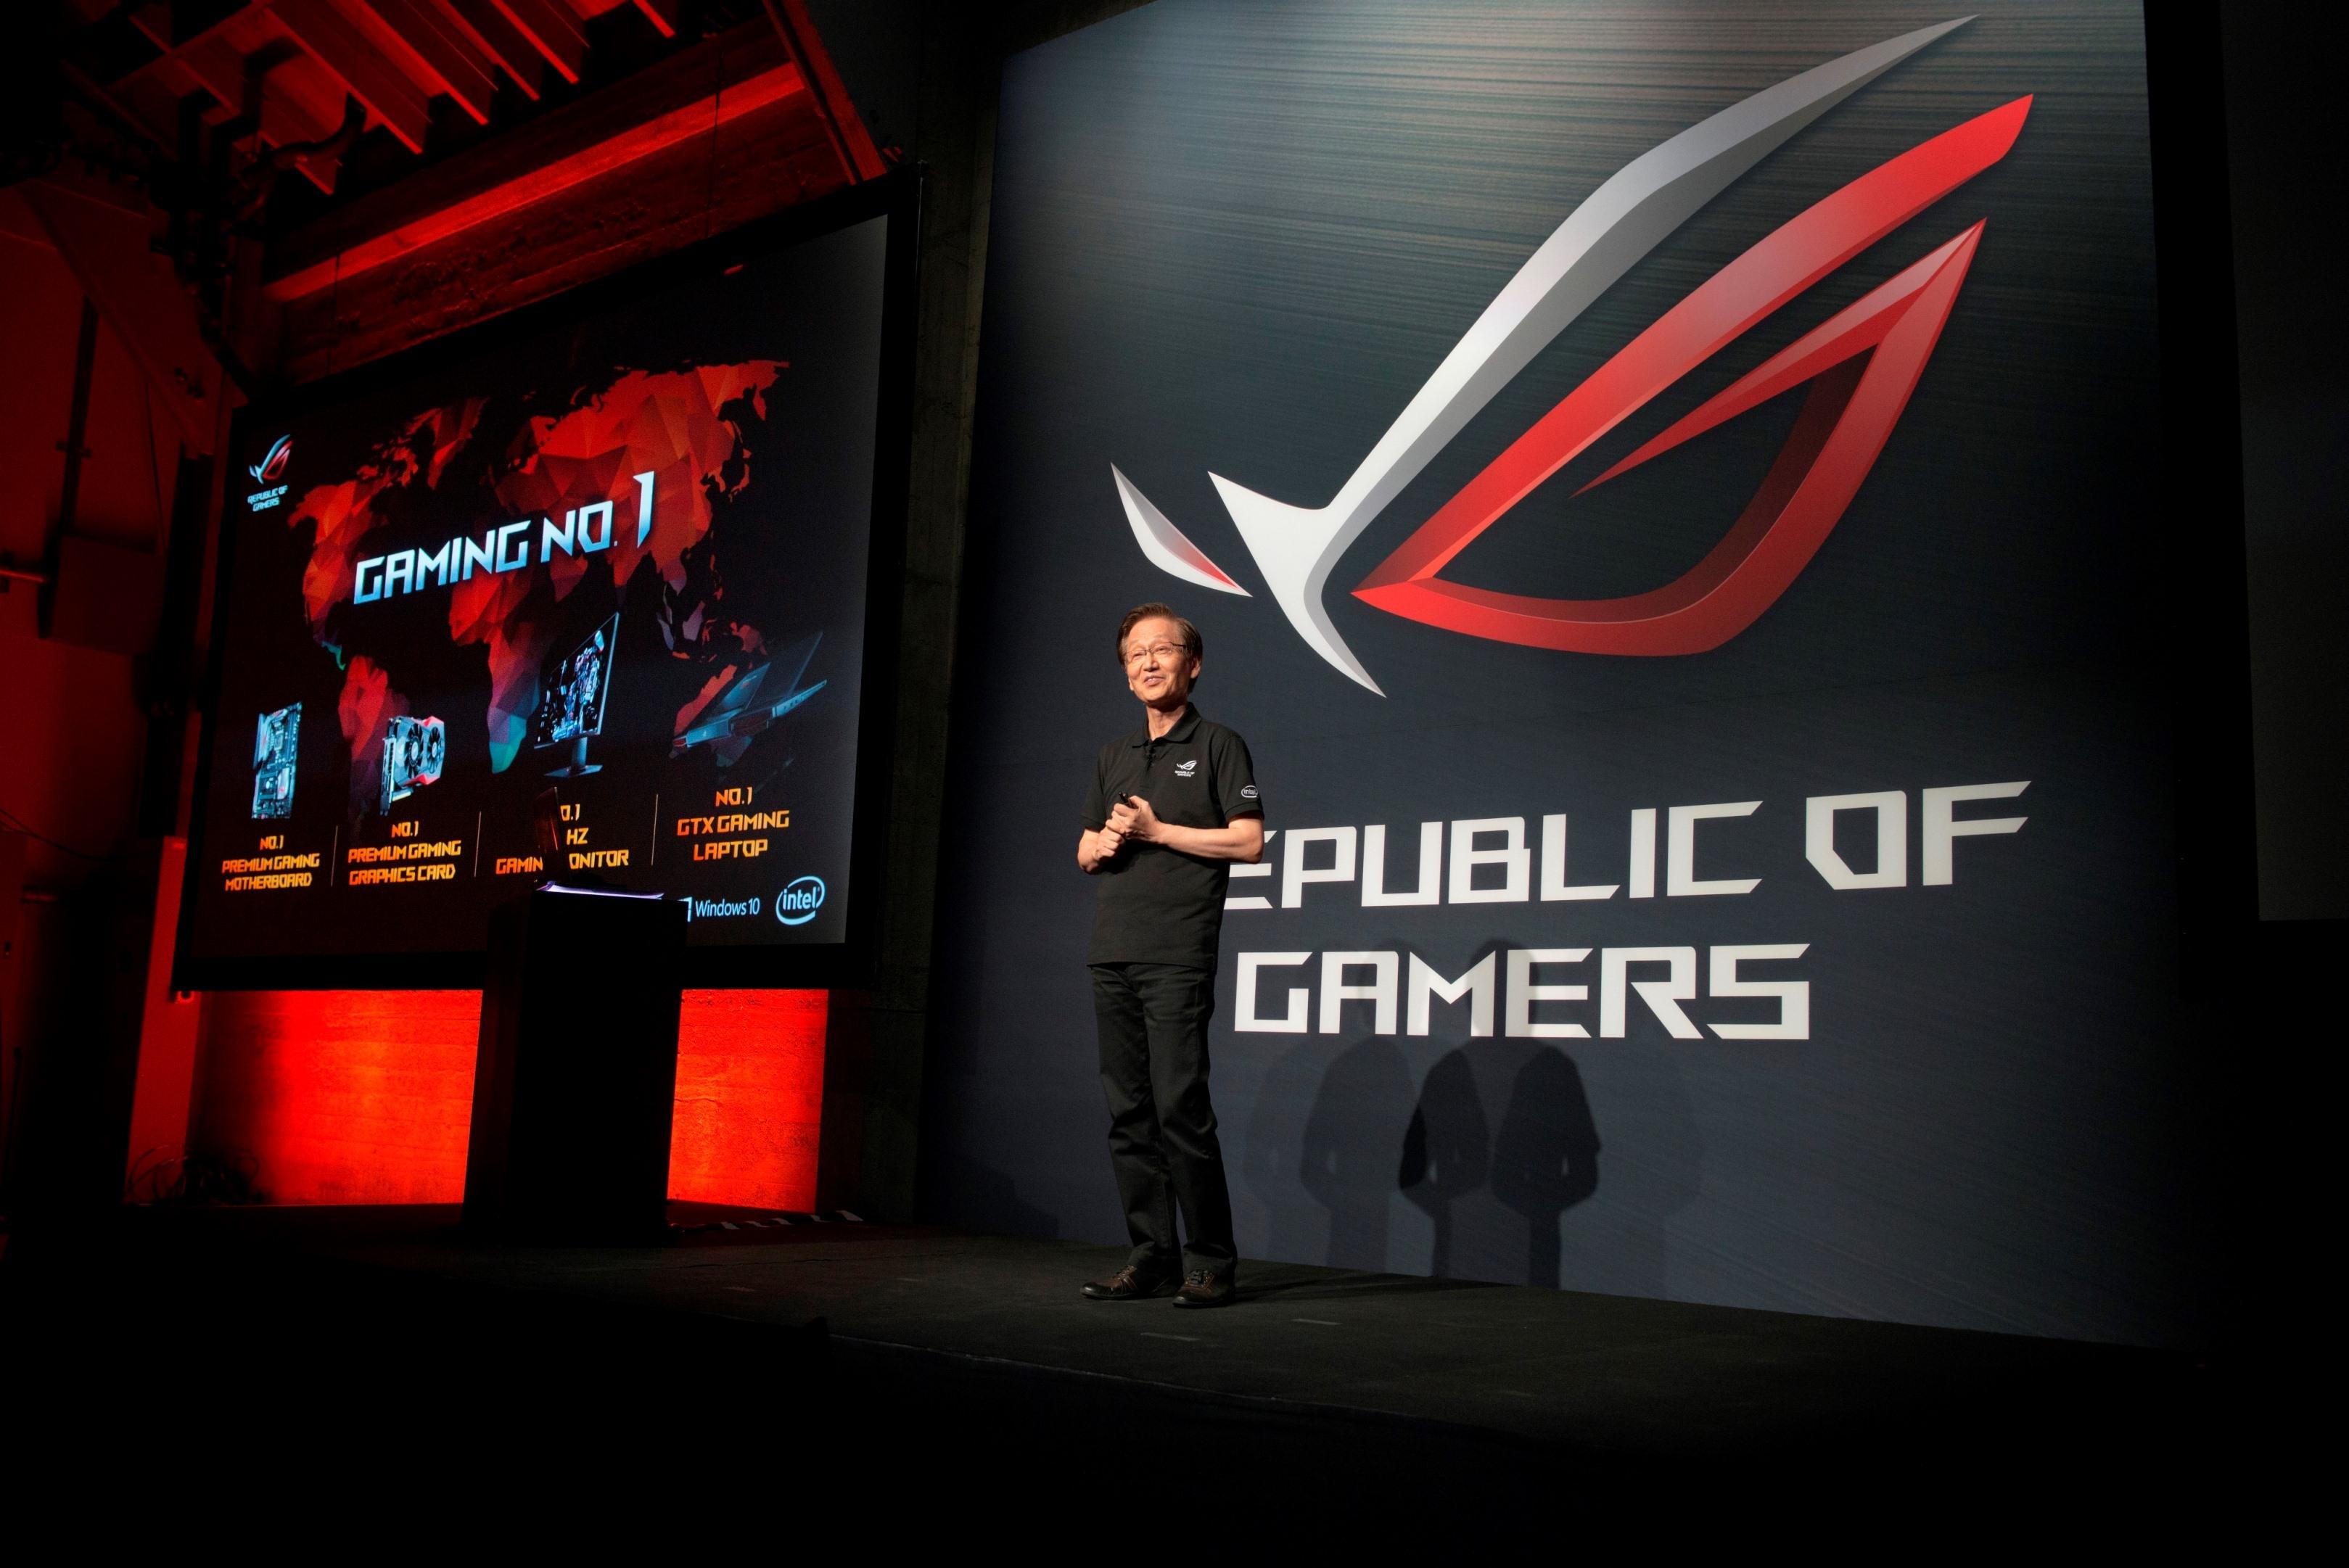 华硕董事长出席旧金山rog新品发表会暨玩家派对,发布多款最新电竞战备图片